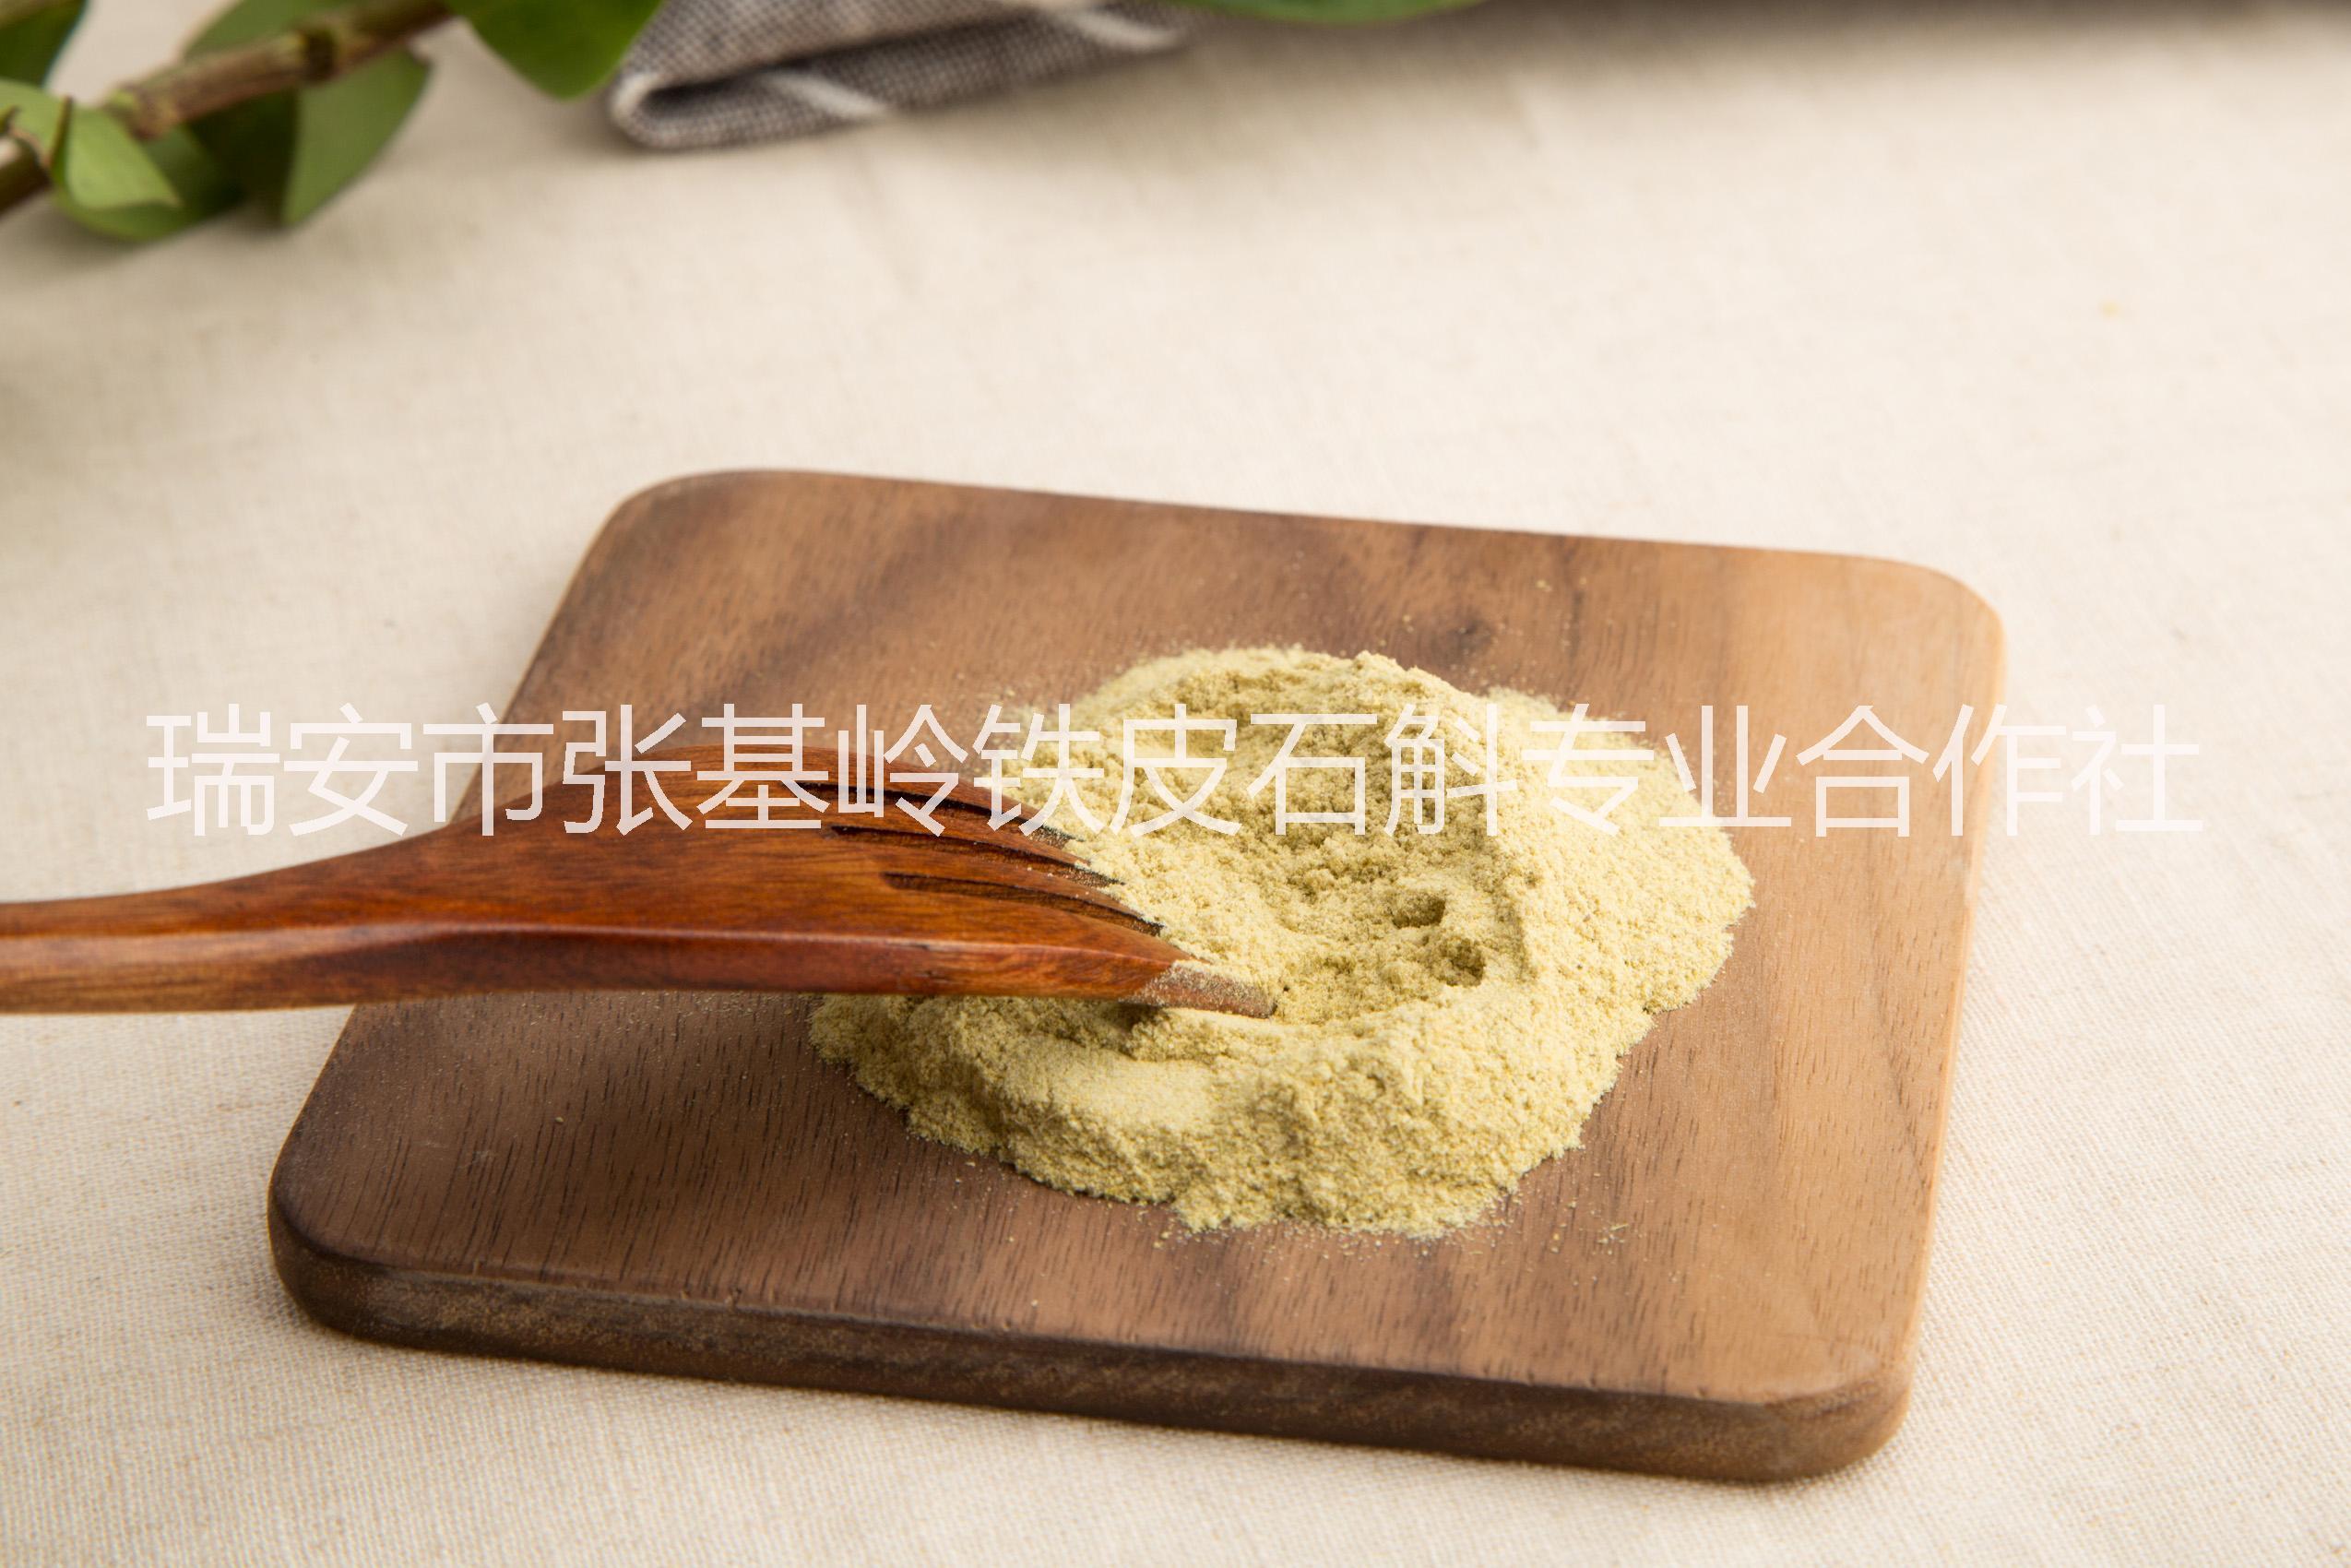 供应用于养生的温州铁皮石斛粉批发 厂家批发 浙江铁皮石斛粉厂家 铁皮石斛鲜条价格